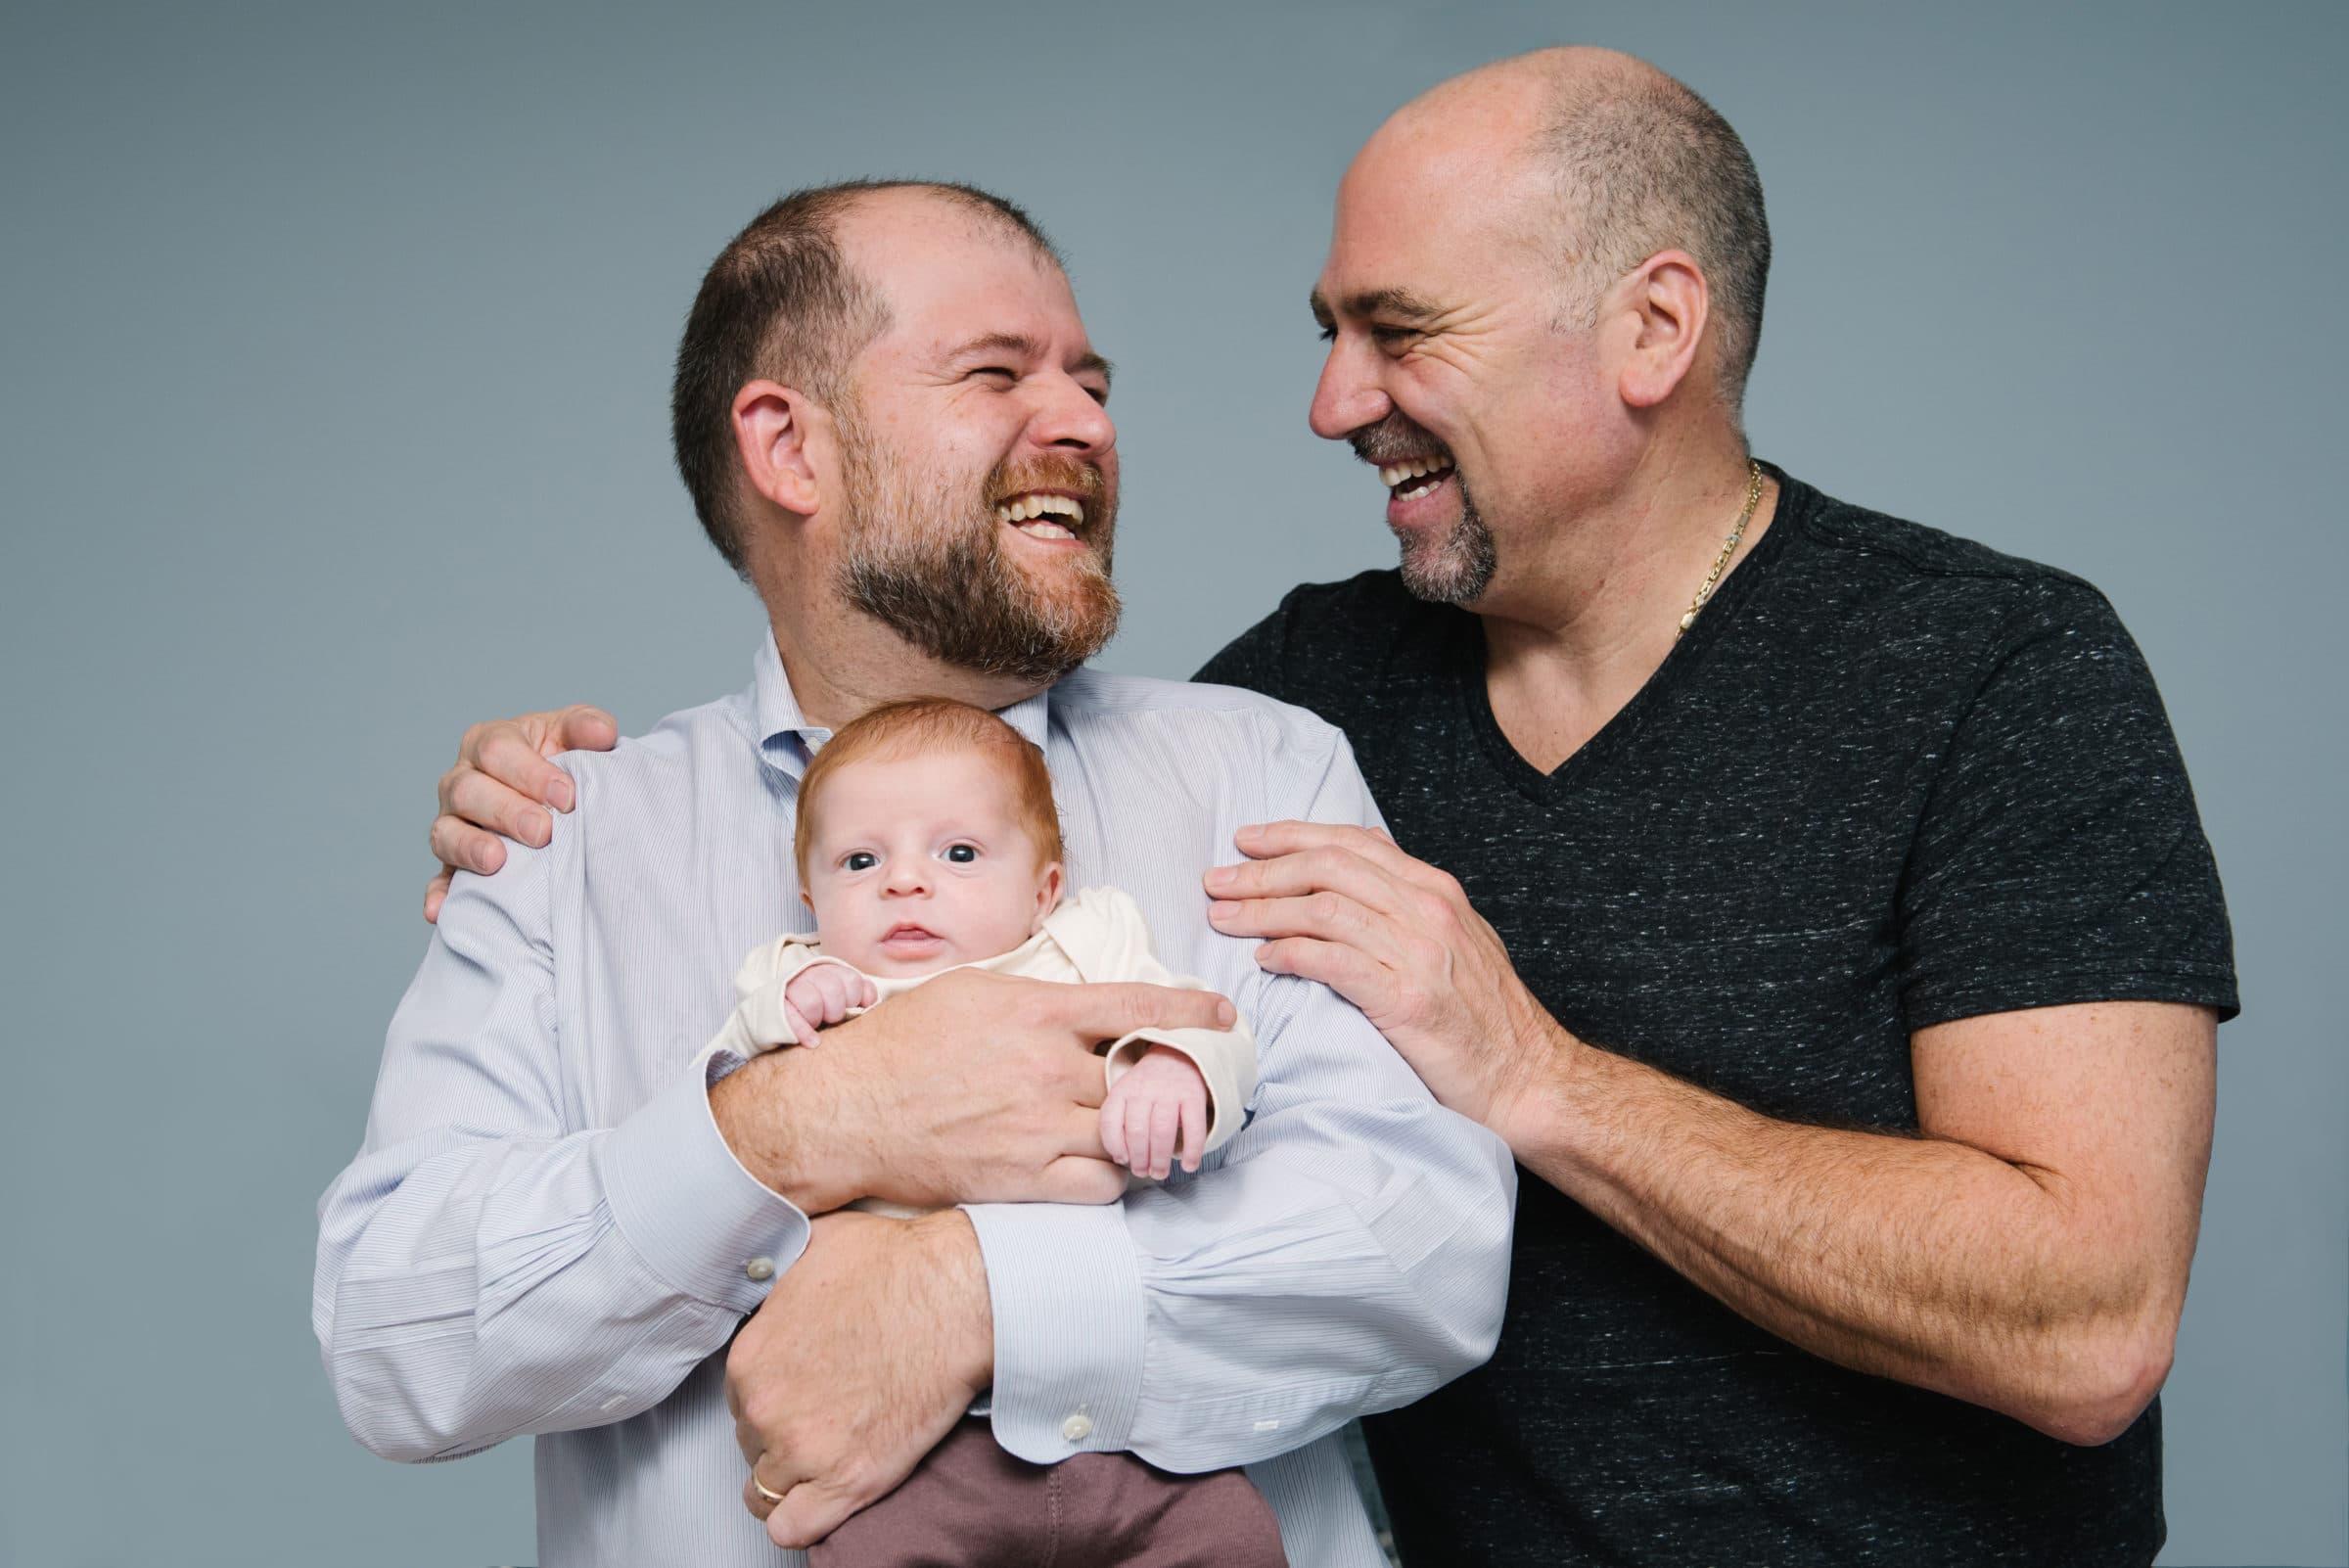 Winchester newborn session, same sex family